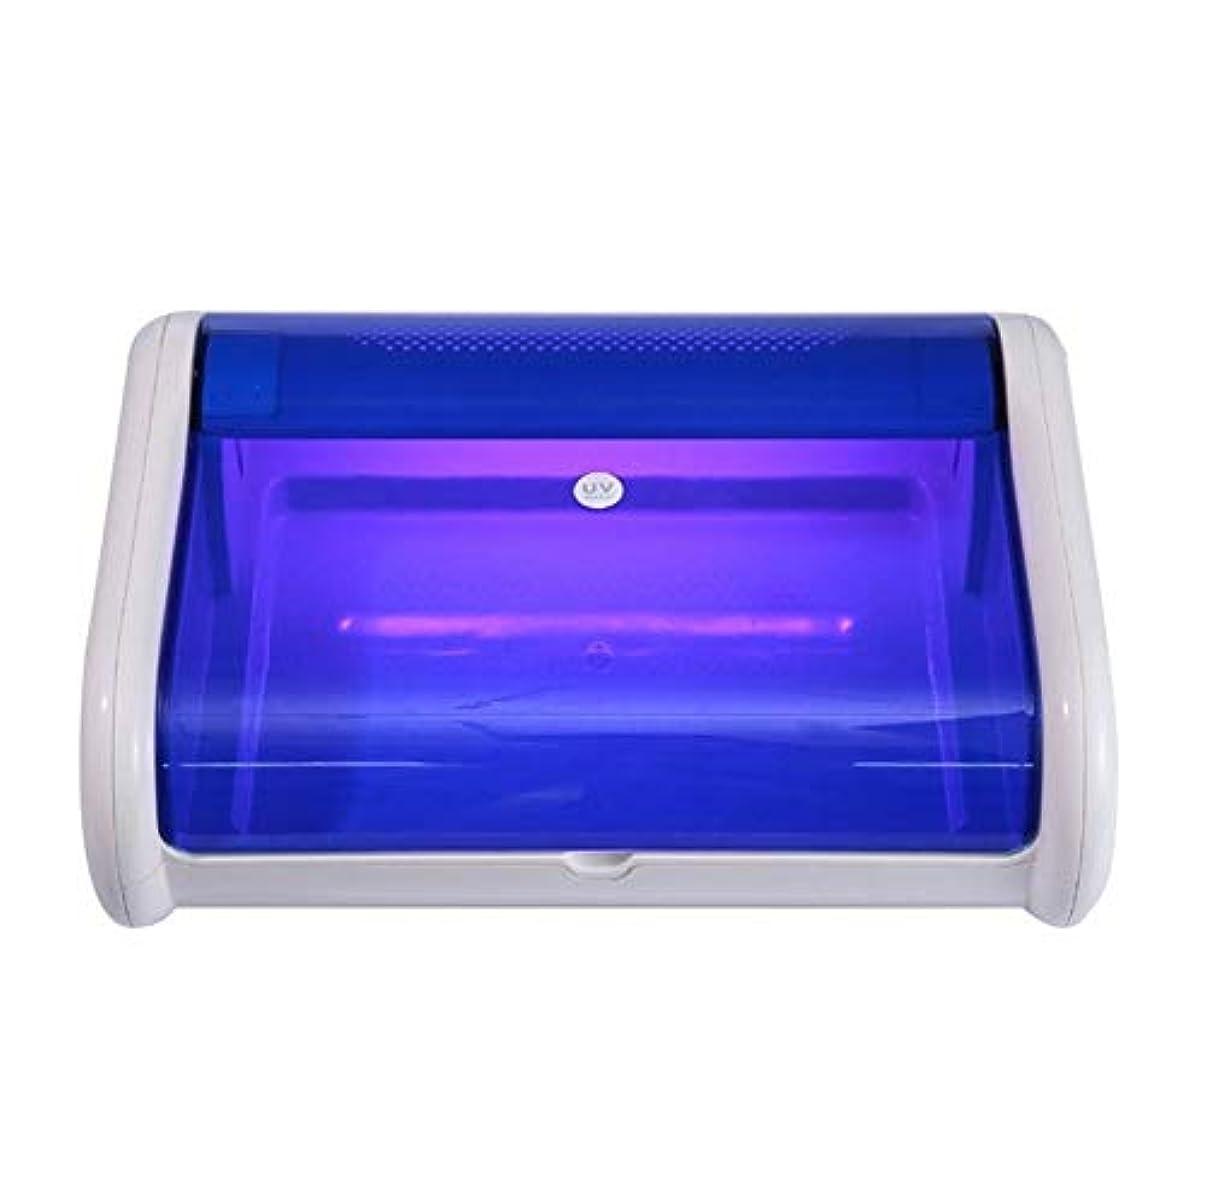 引き出す鋸歯状高める8ワットサロンuv滅菌プロプロフェッショナル紫外線消毒ネイル滅菌器温度消毒キャビネットマニキュア美容機